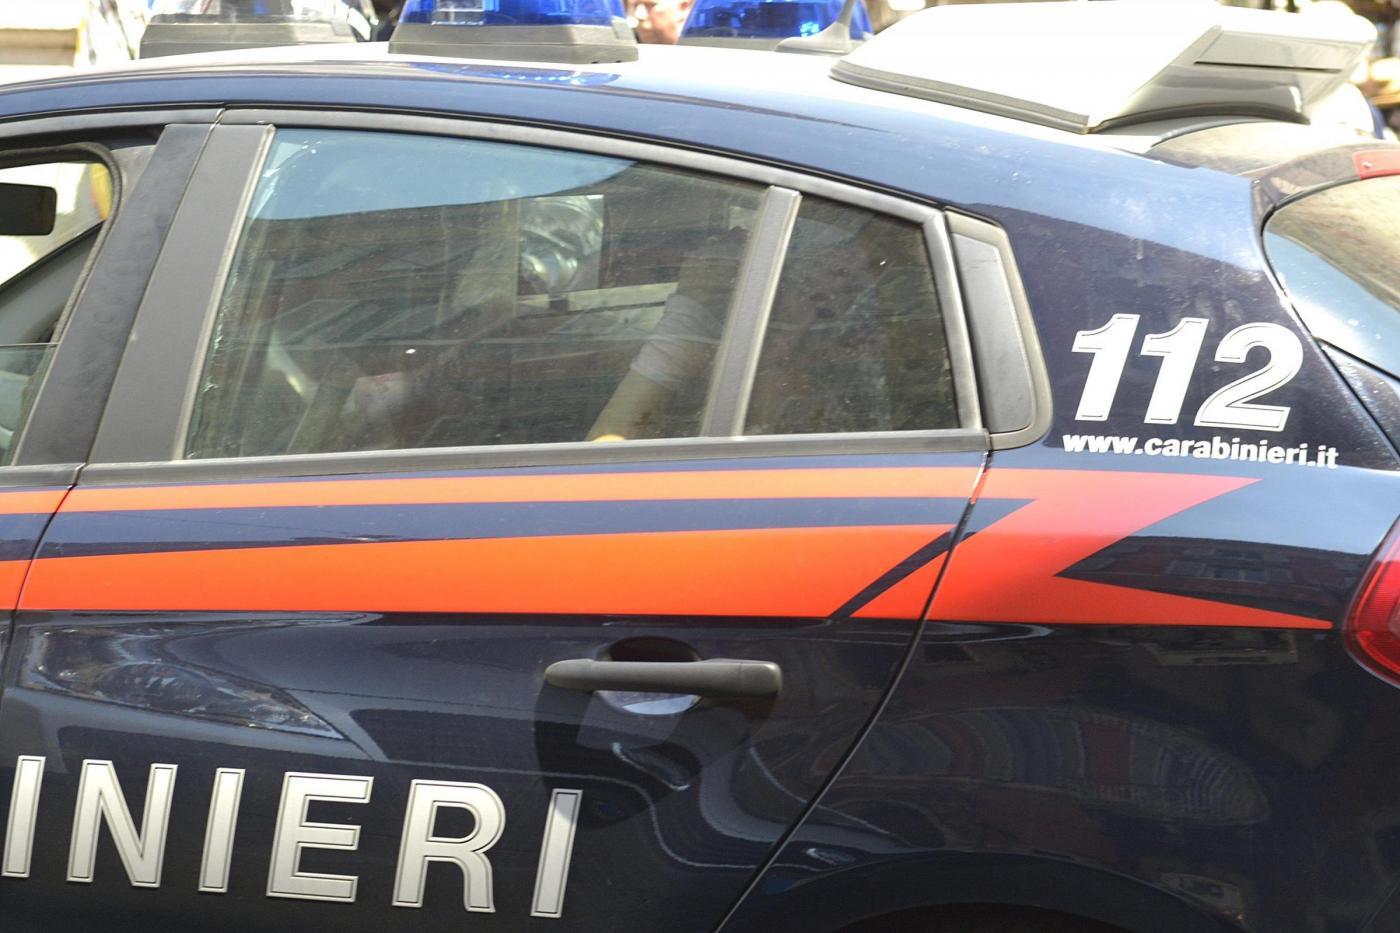 Roma, Carabinieri arrestano tre borseggiatori, via del Corso